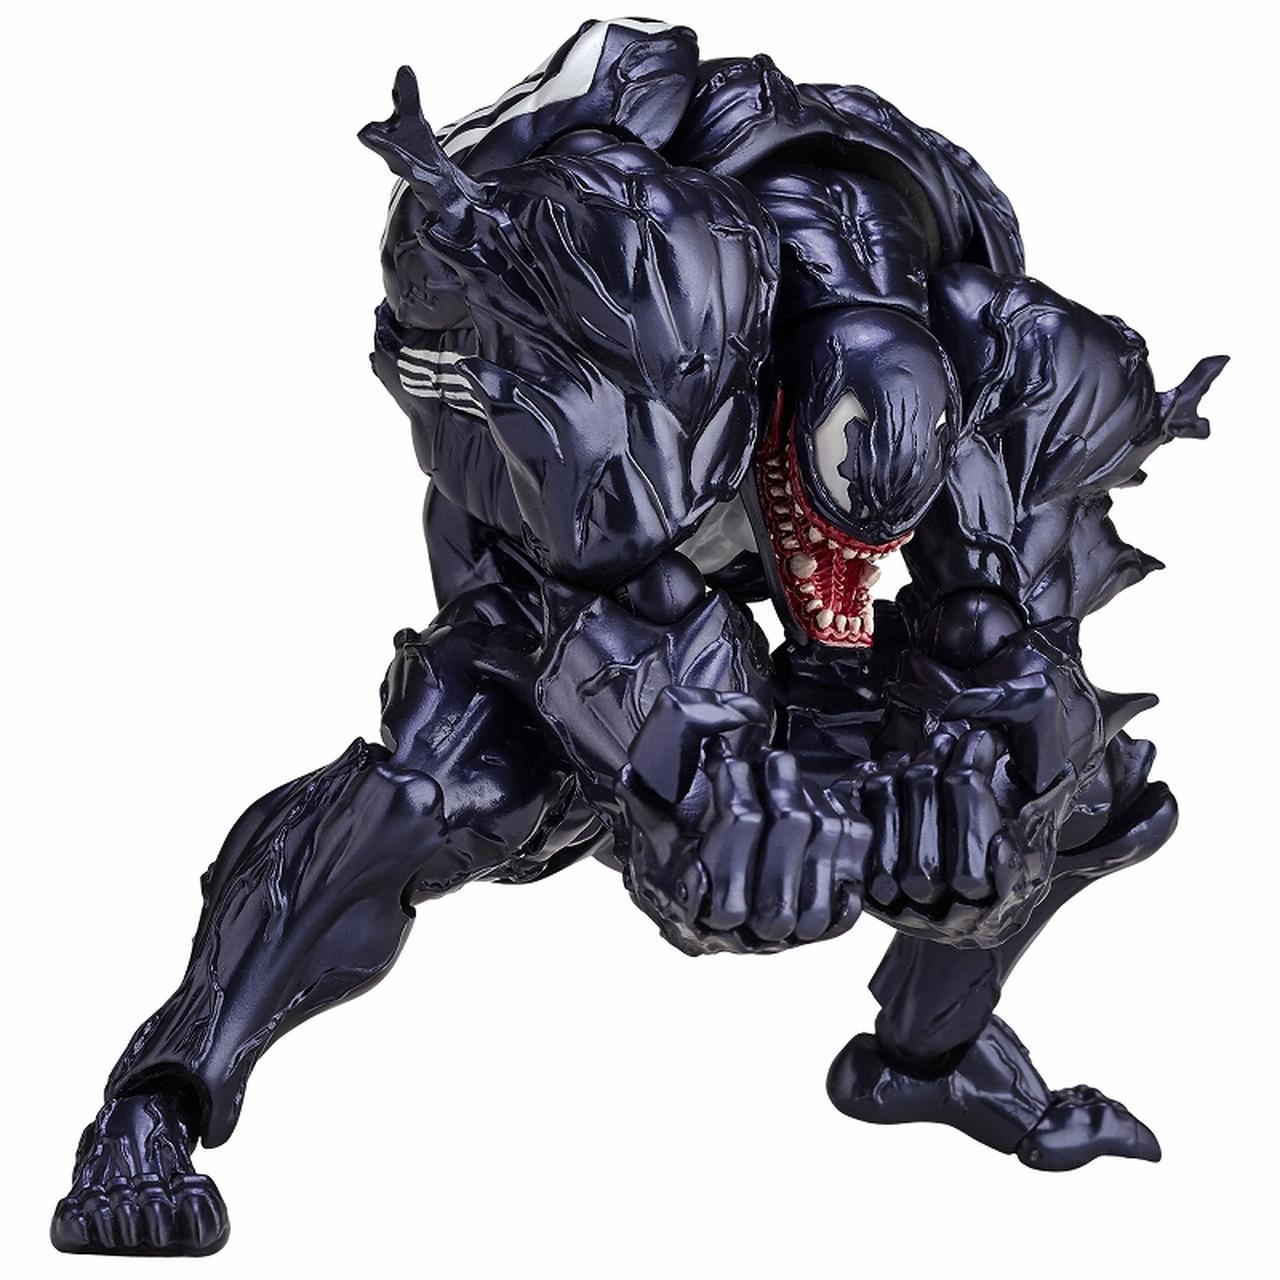 画像4: 「ヴェノム」の幅広い可動域を実現したリボルテックが再販決定! スパイダーマンを一回り大きくしたボディサイズはど迫力!